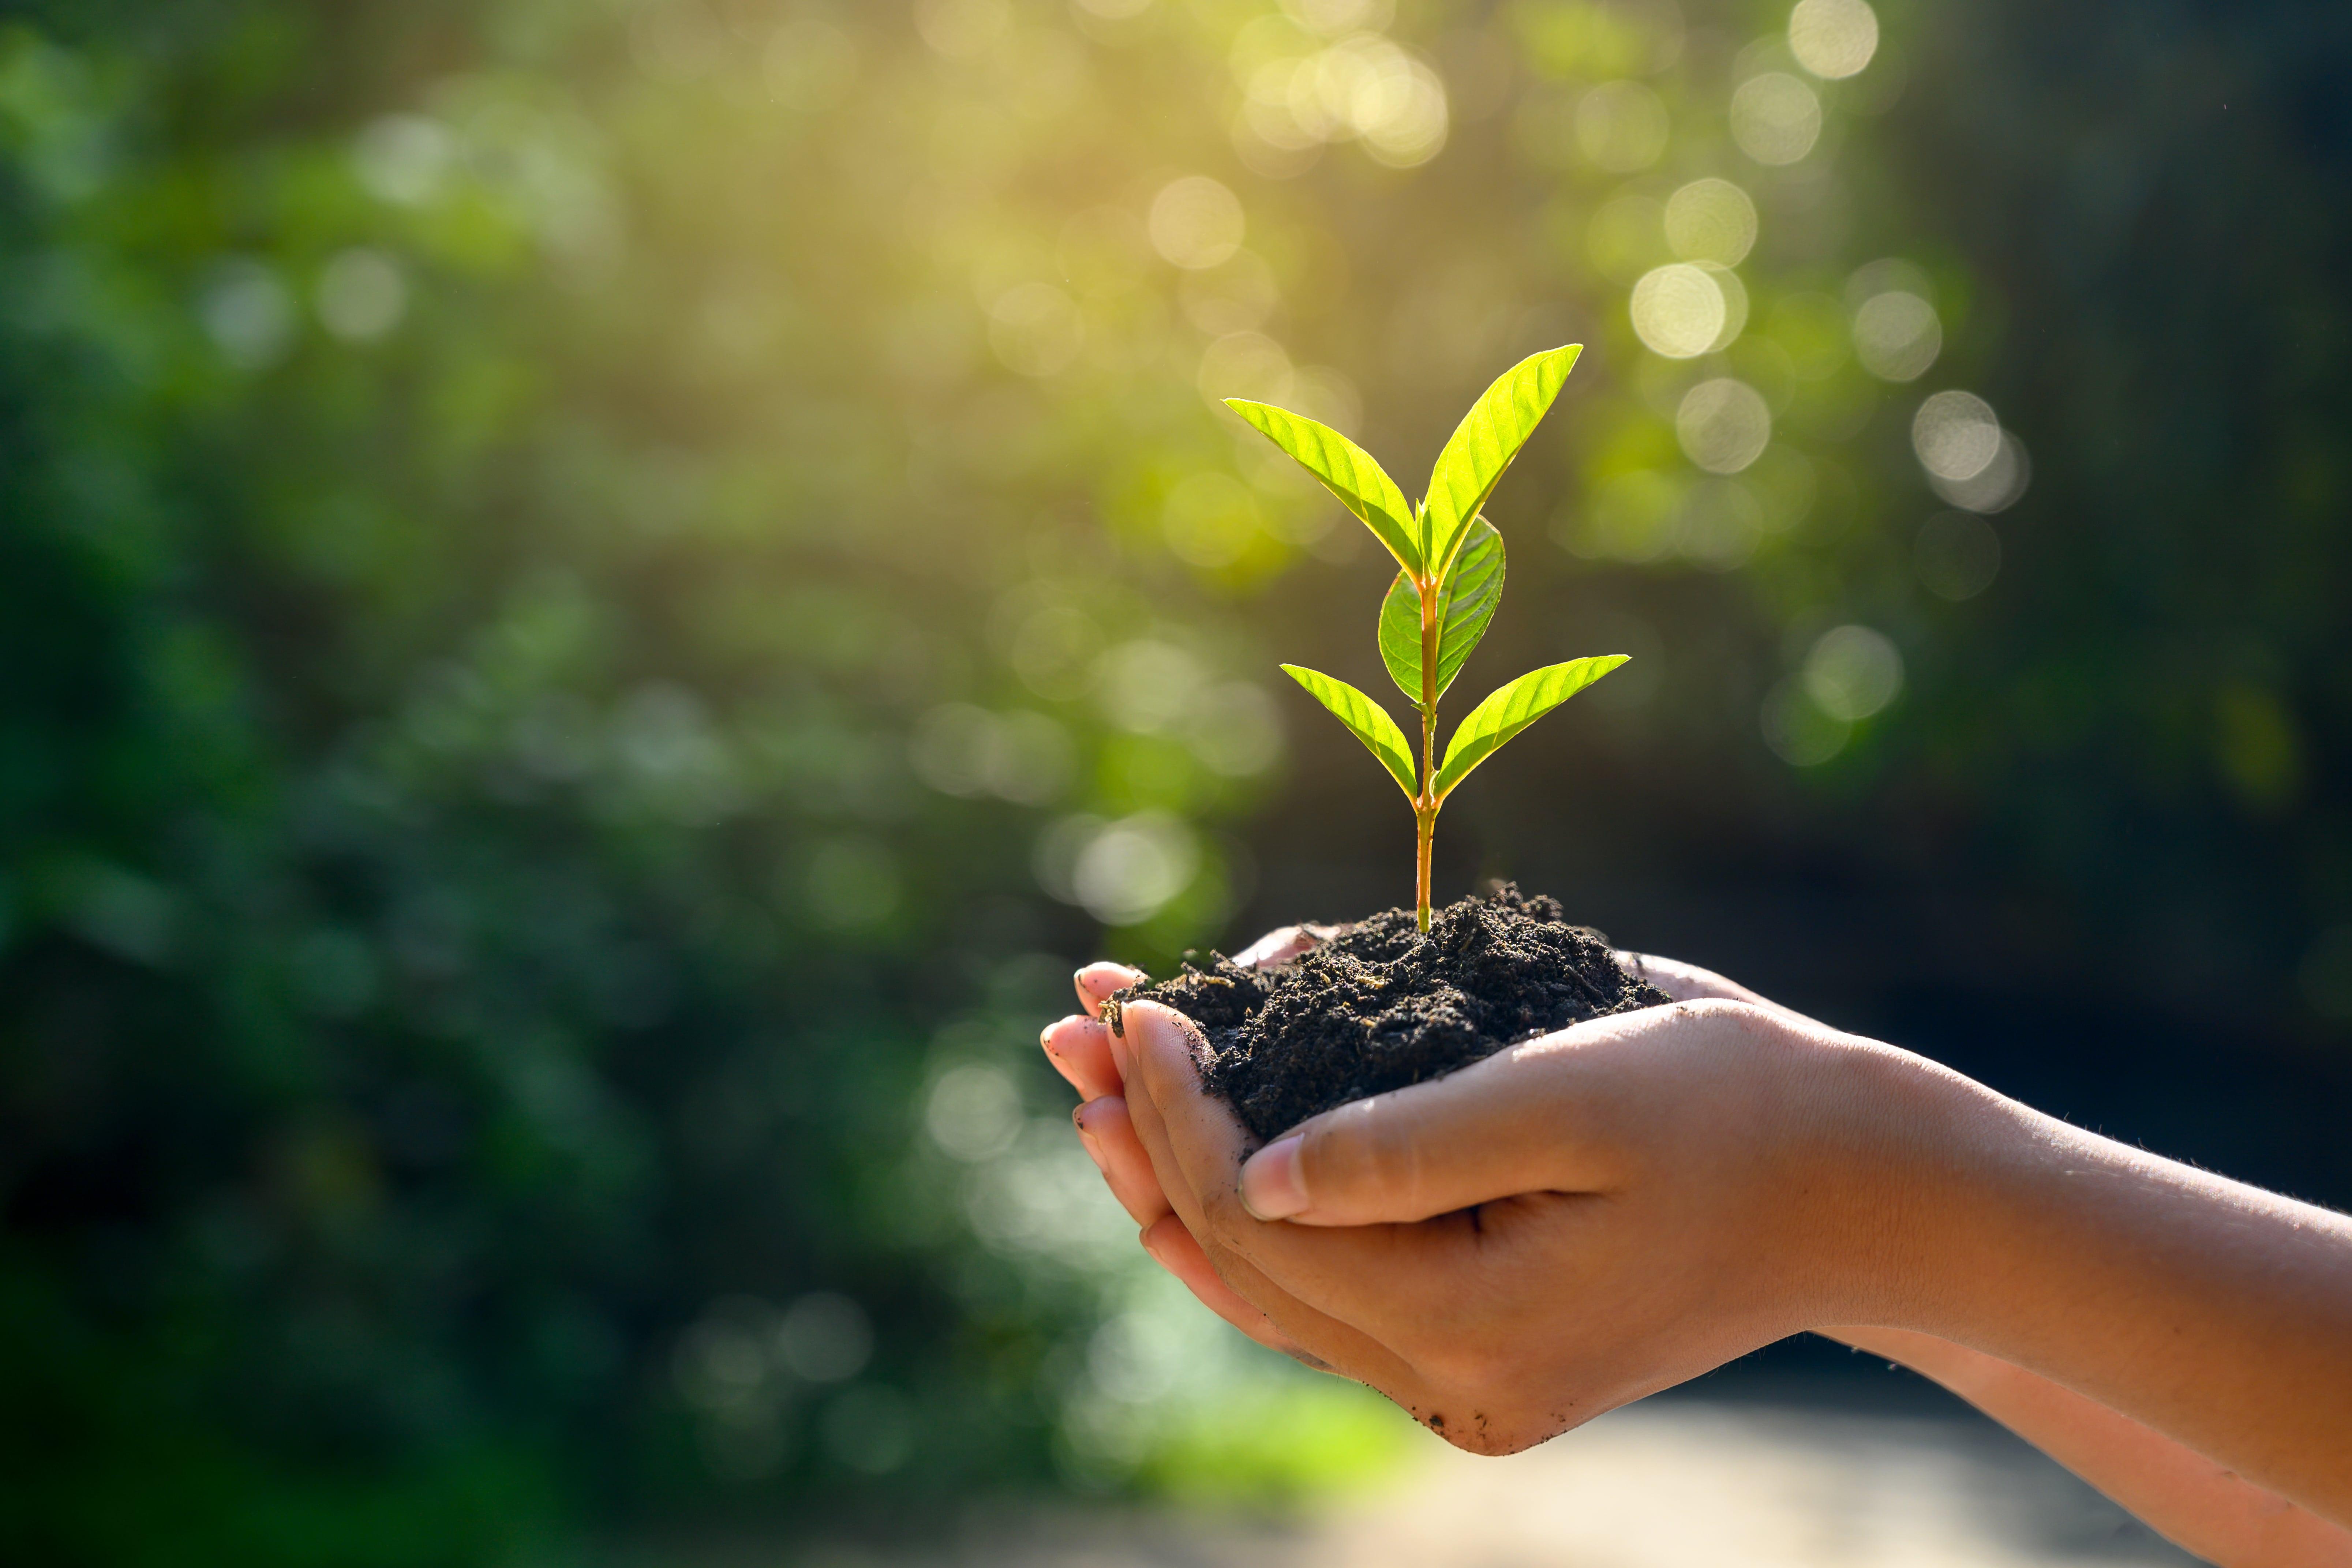 GreenPurchasingGuidelines_image01-min.jpg